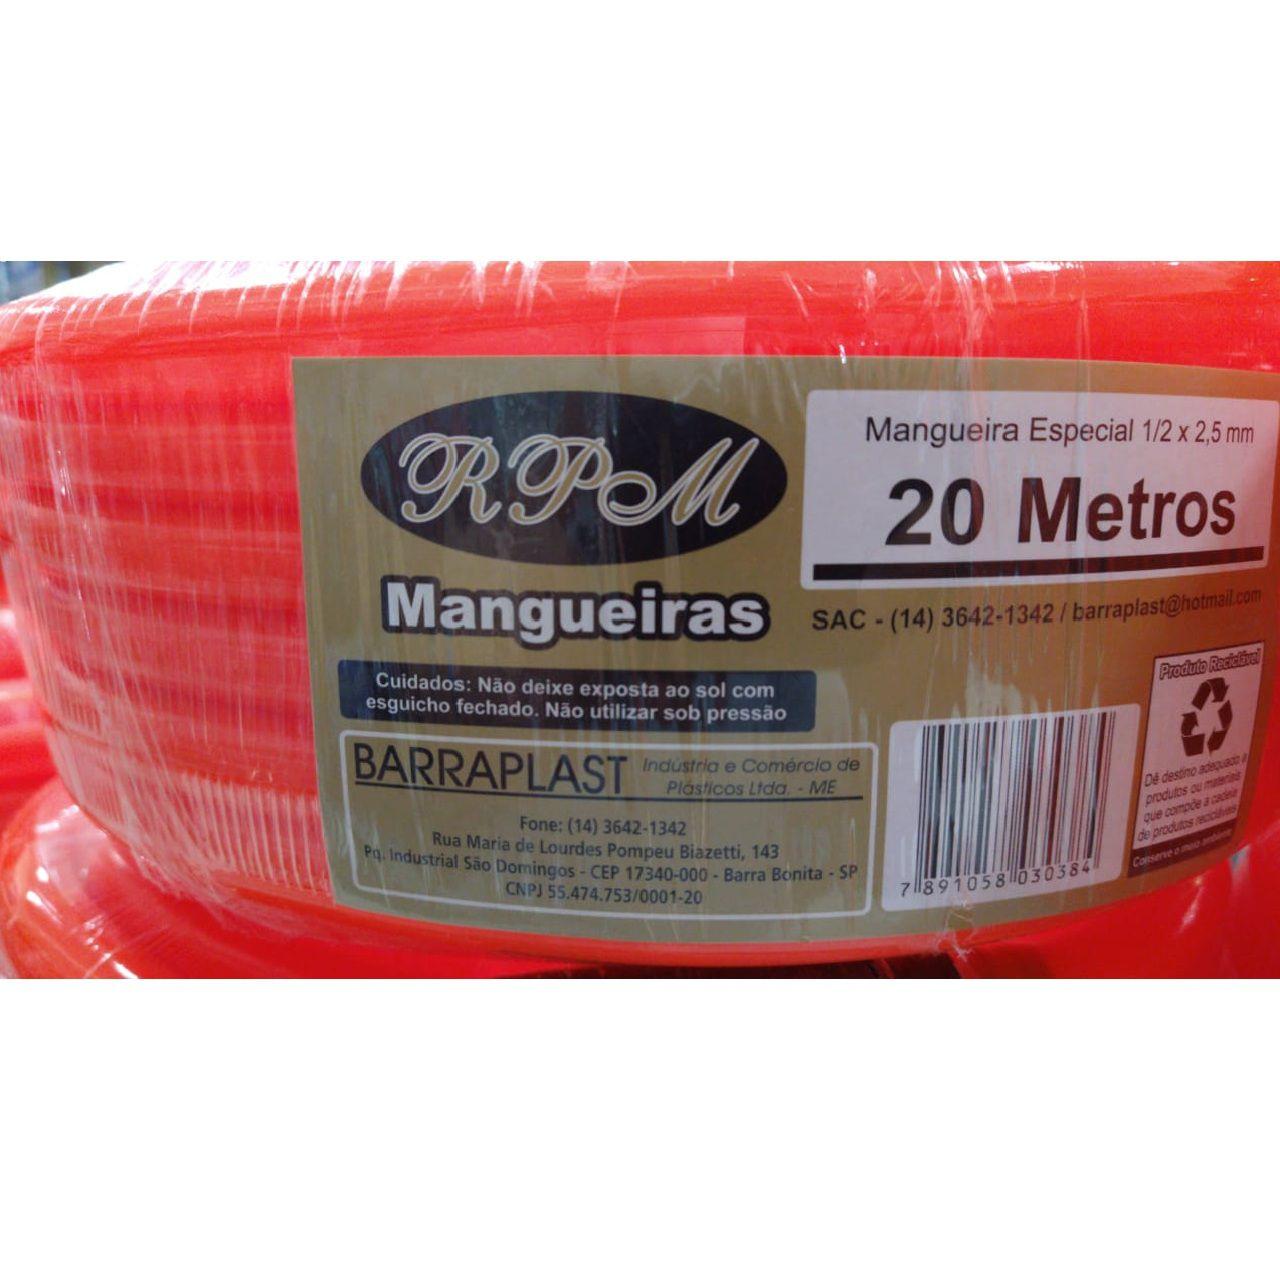 MANGUEIRA SILICONE LARANJA 20METR 1/2X2,5MM